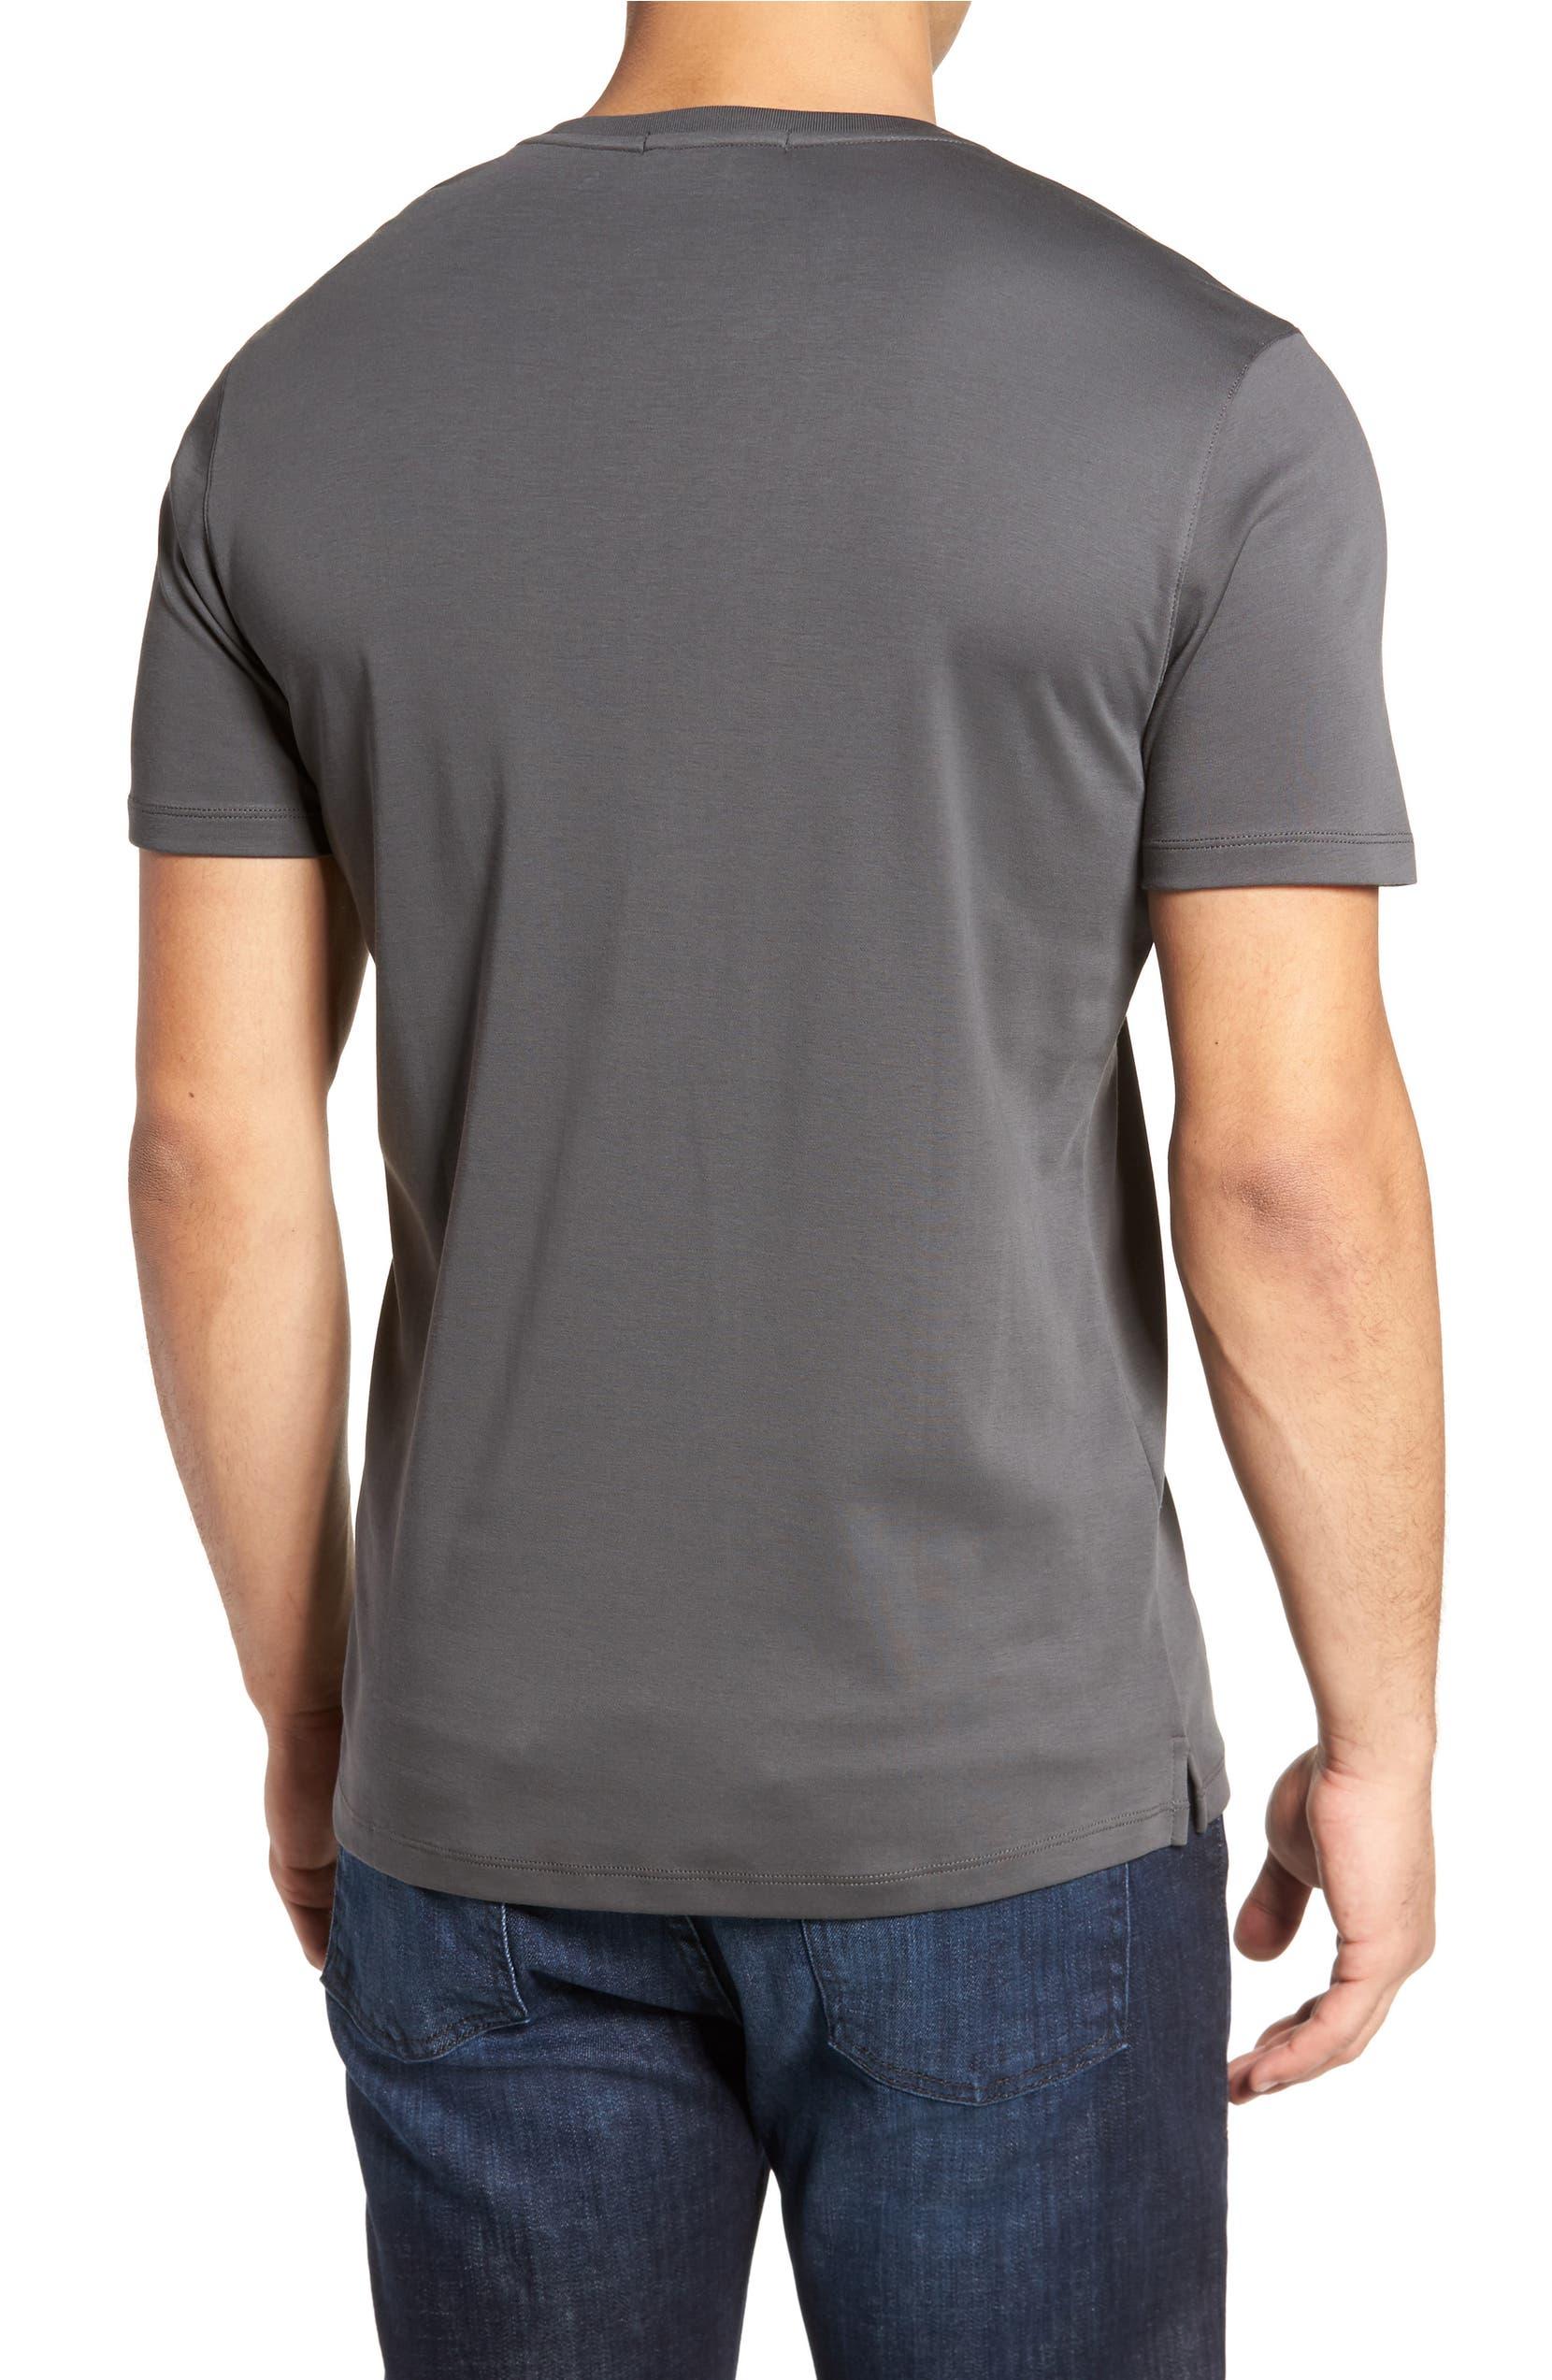 0490bbbec Robert Barakett Georgia Regular Fit V-Neck T-Shirt | Nordstrom